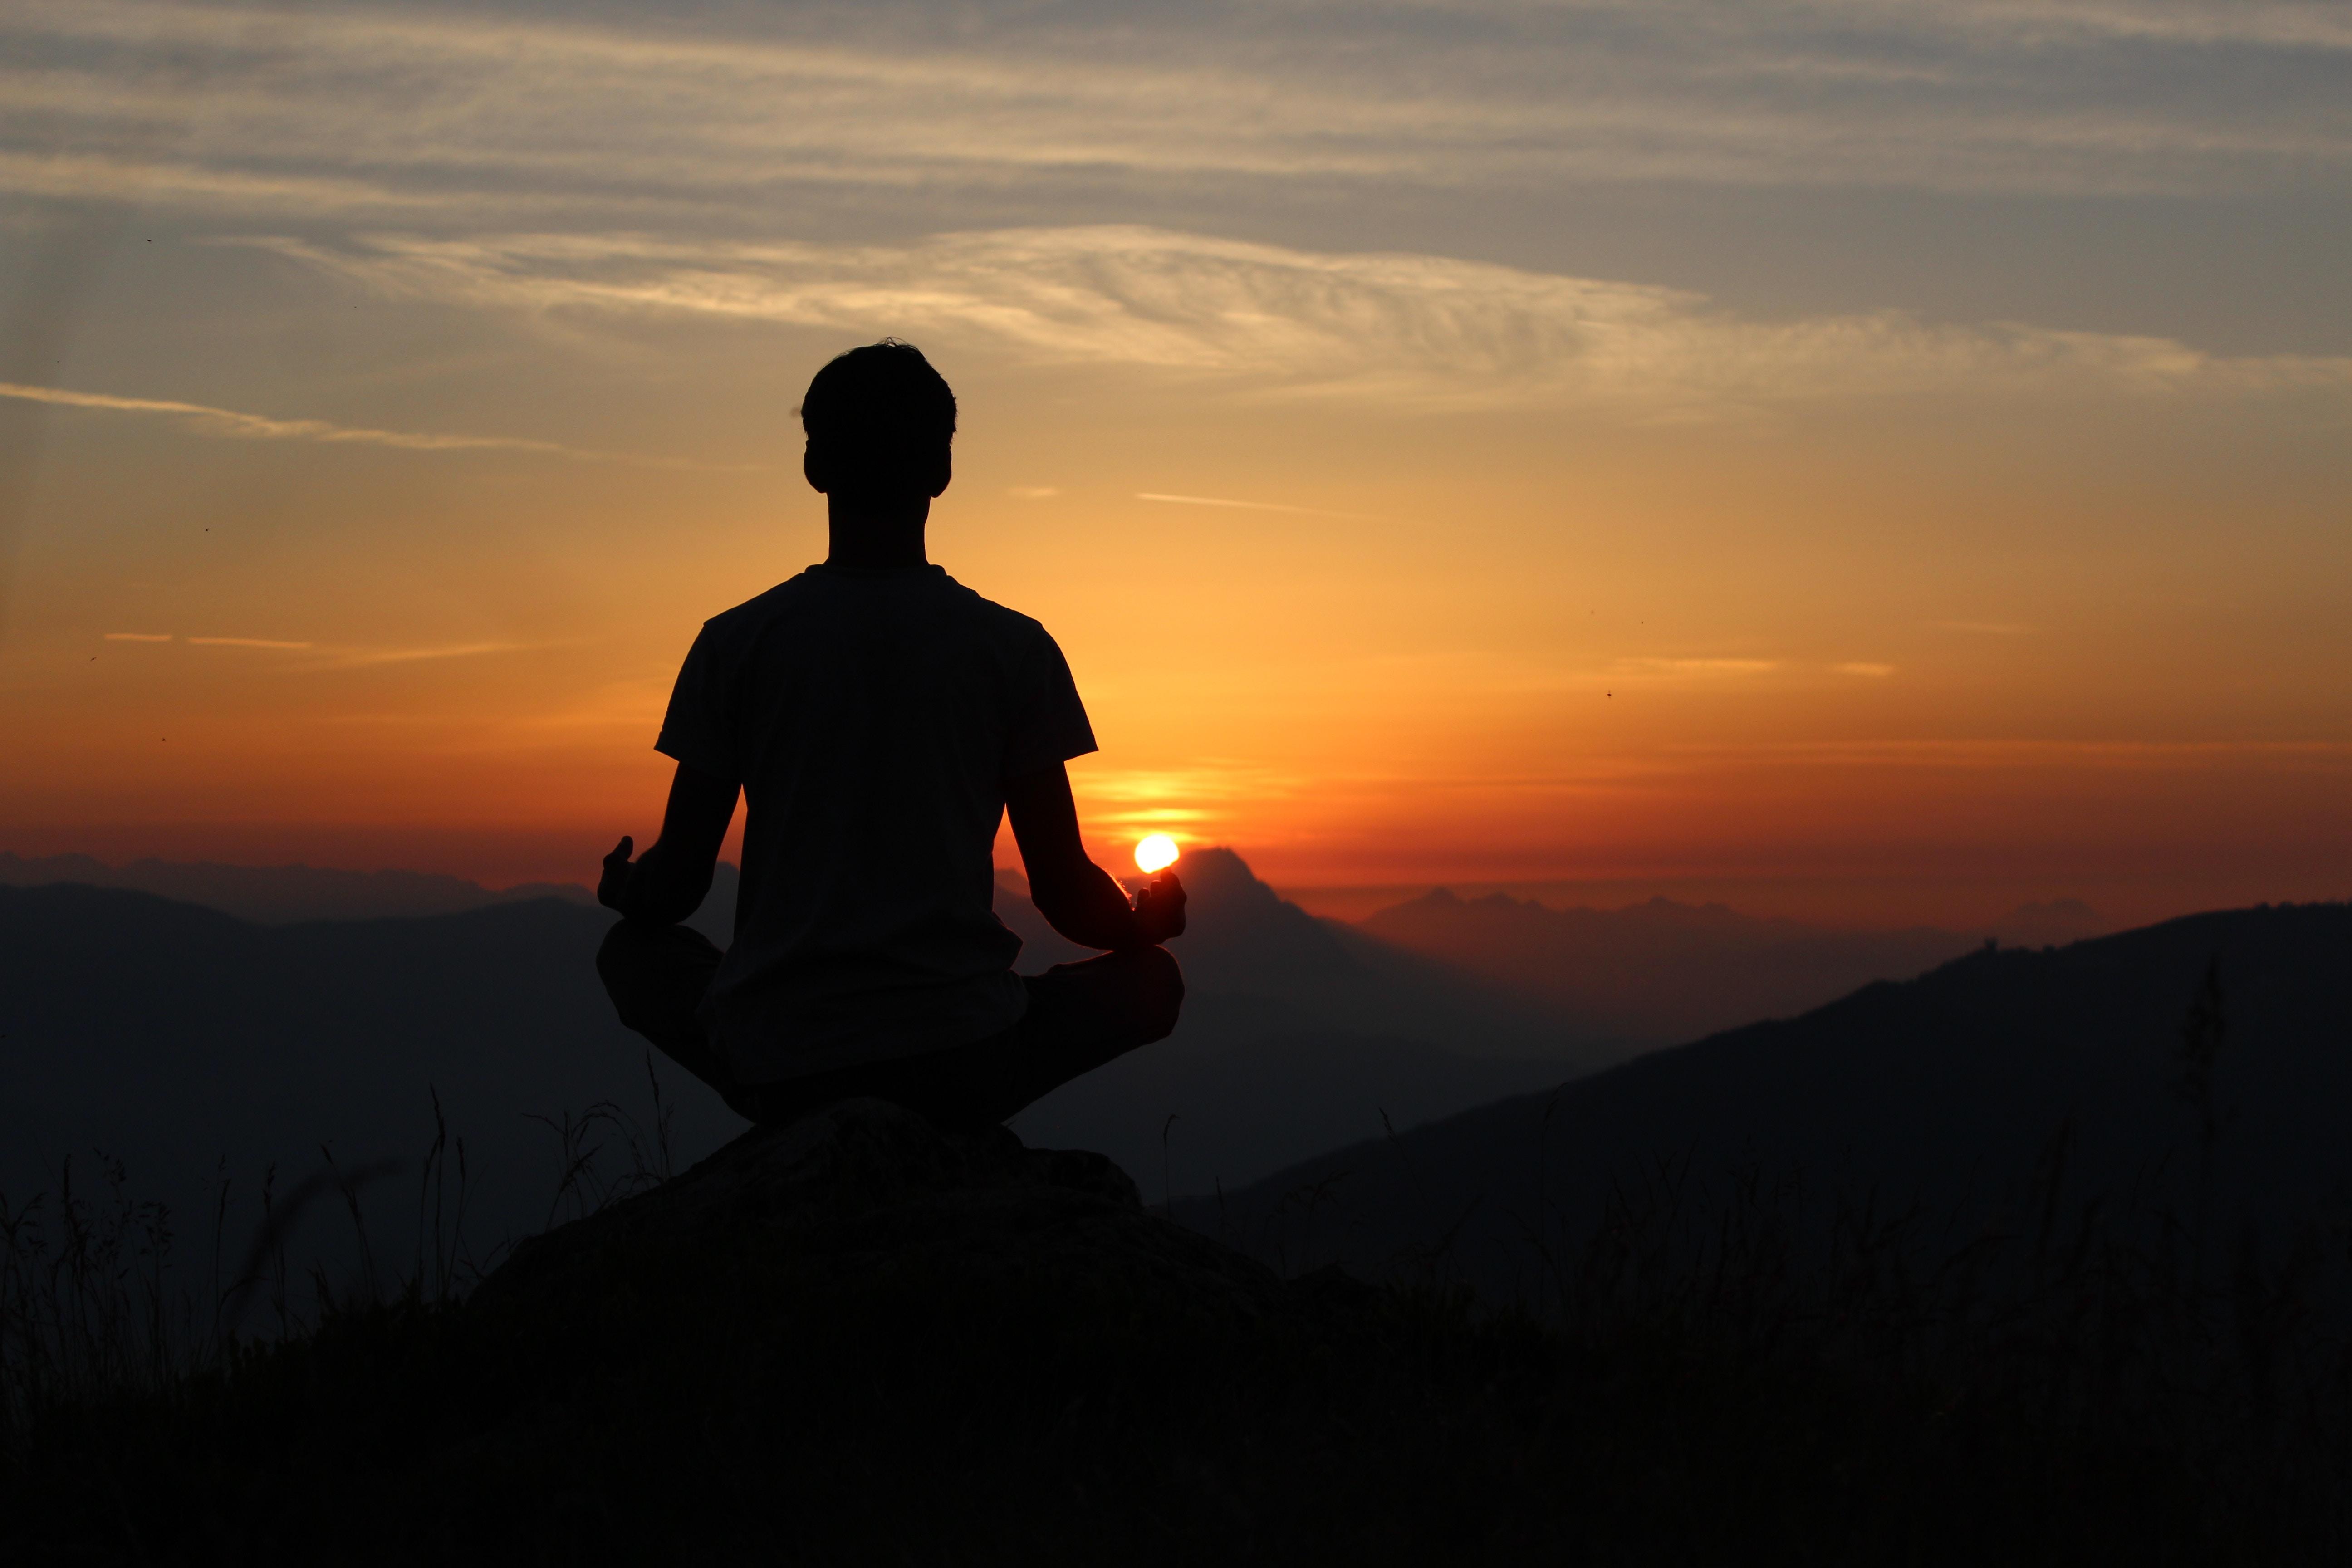 Mann übt Yoga auf einem Berg bei Sonnenuntergang, Credit: Unsplash